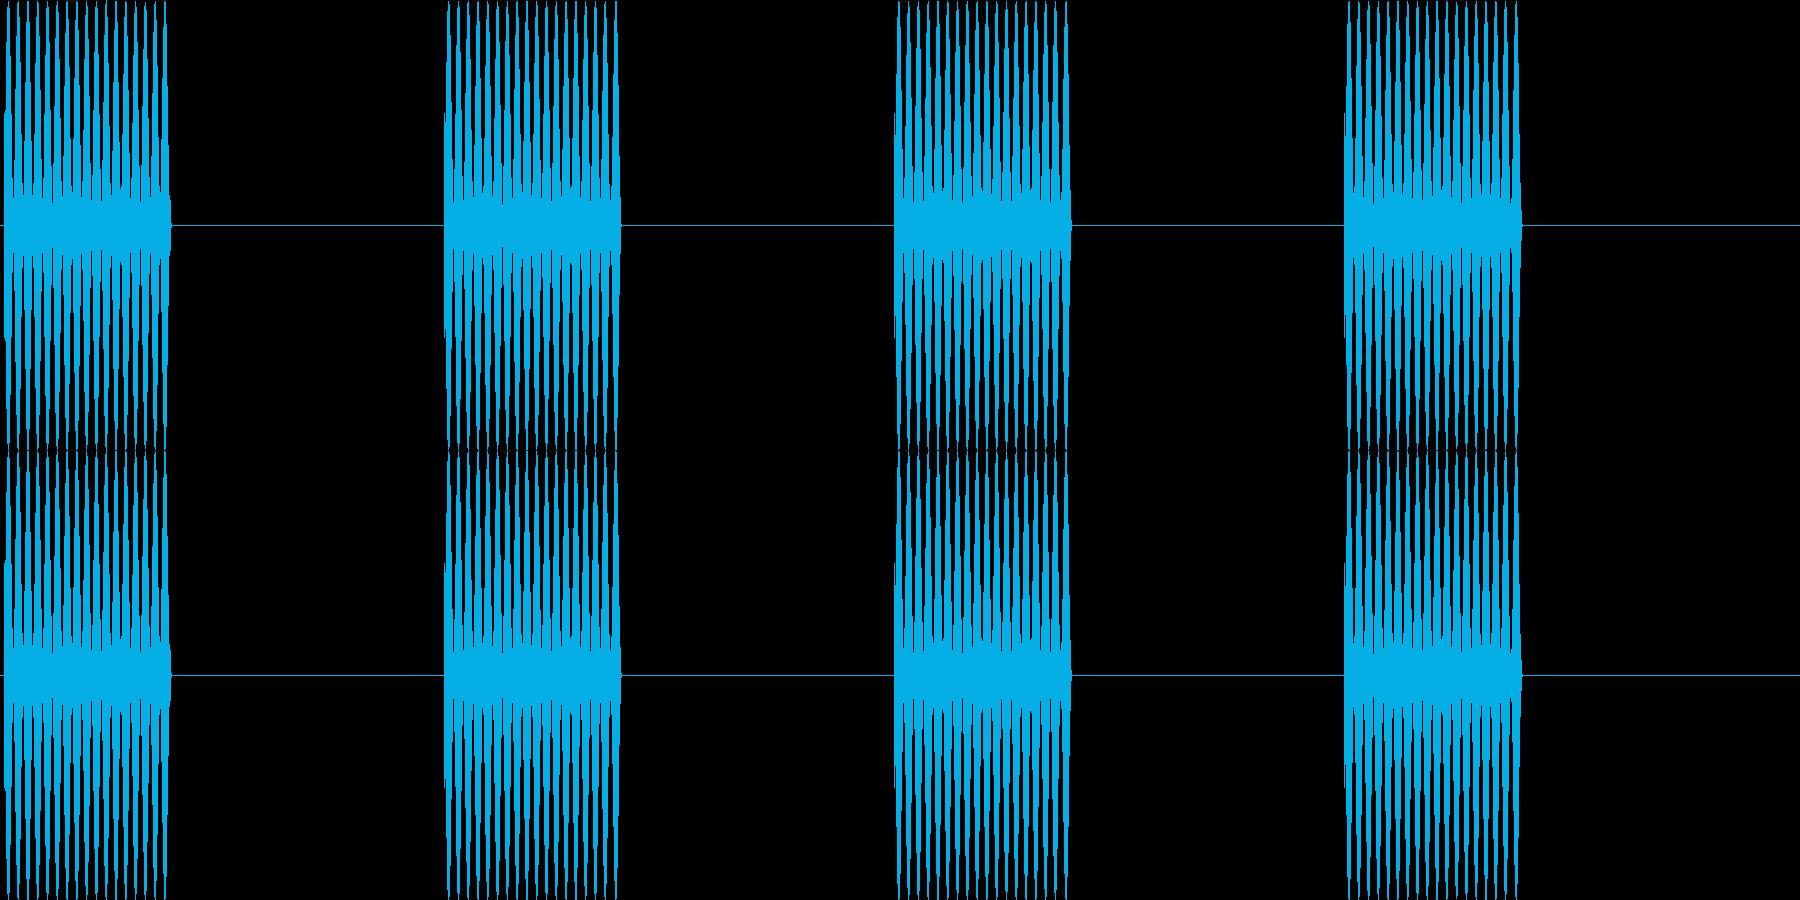 プルルルル…(電話の呼び出し音)の再生済みの波形